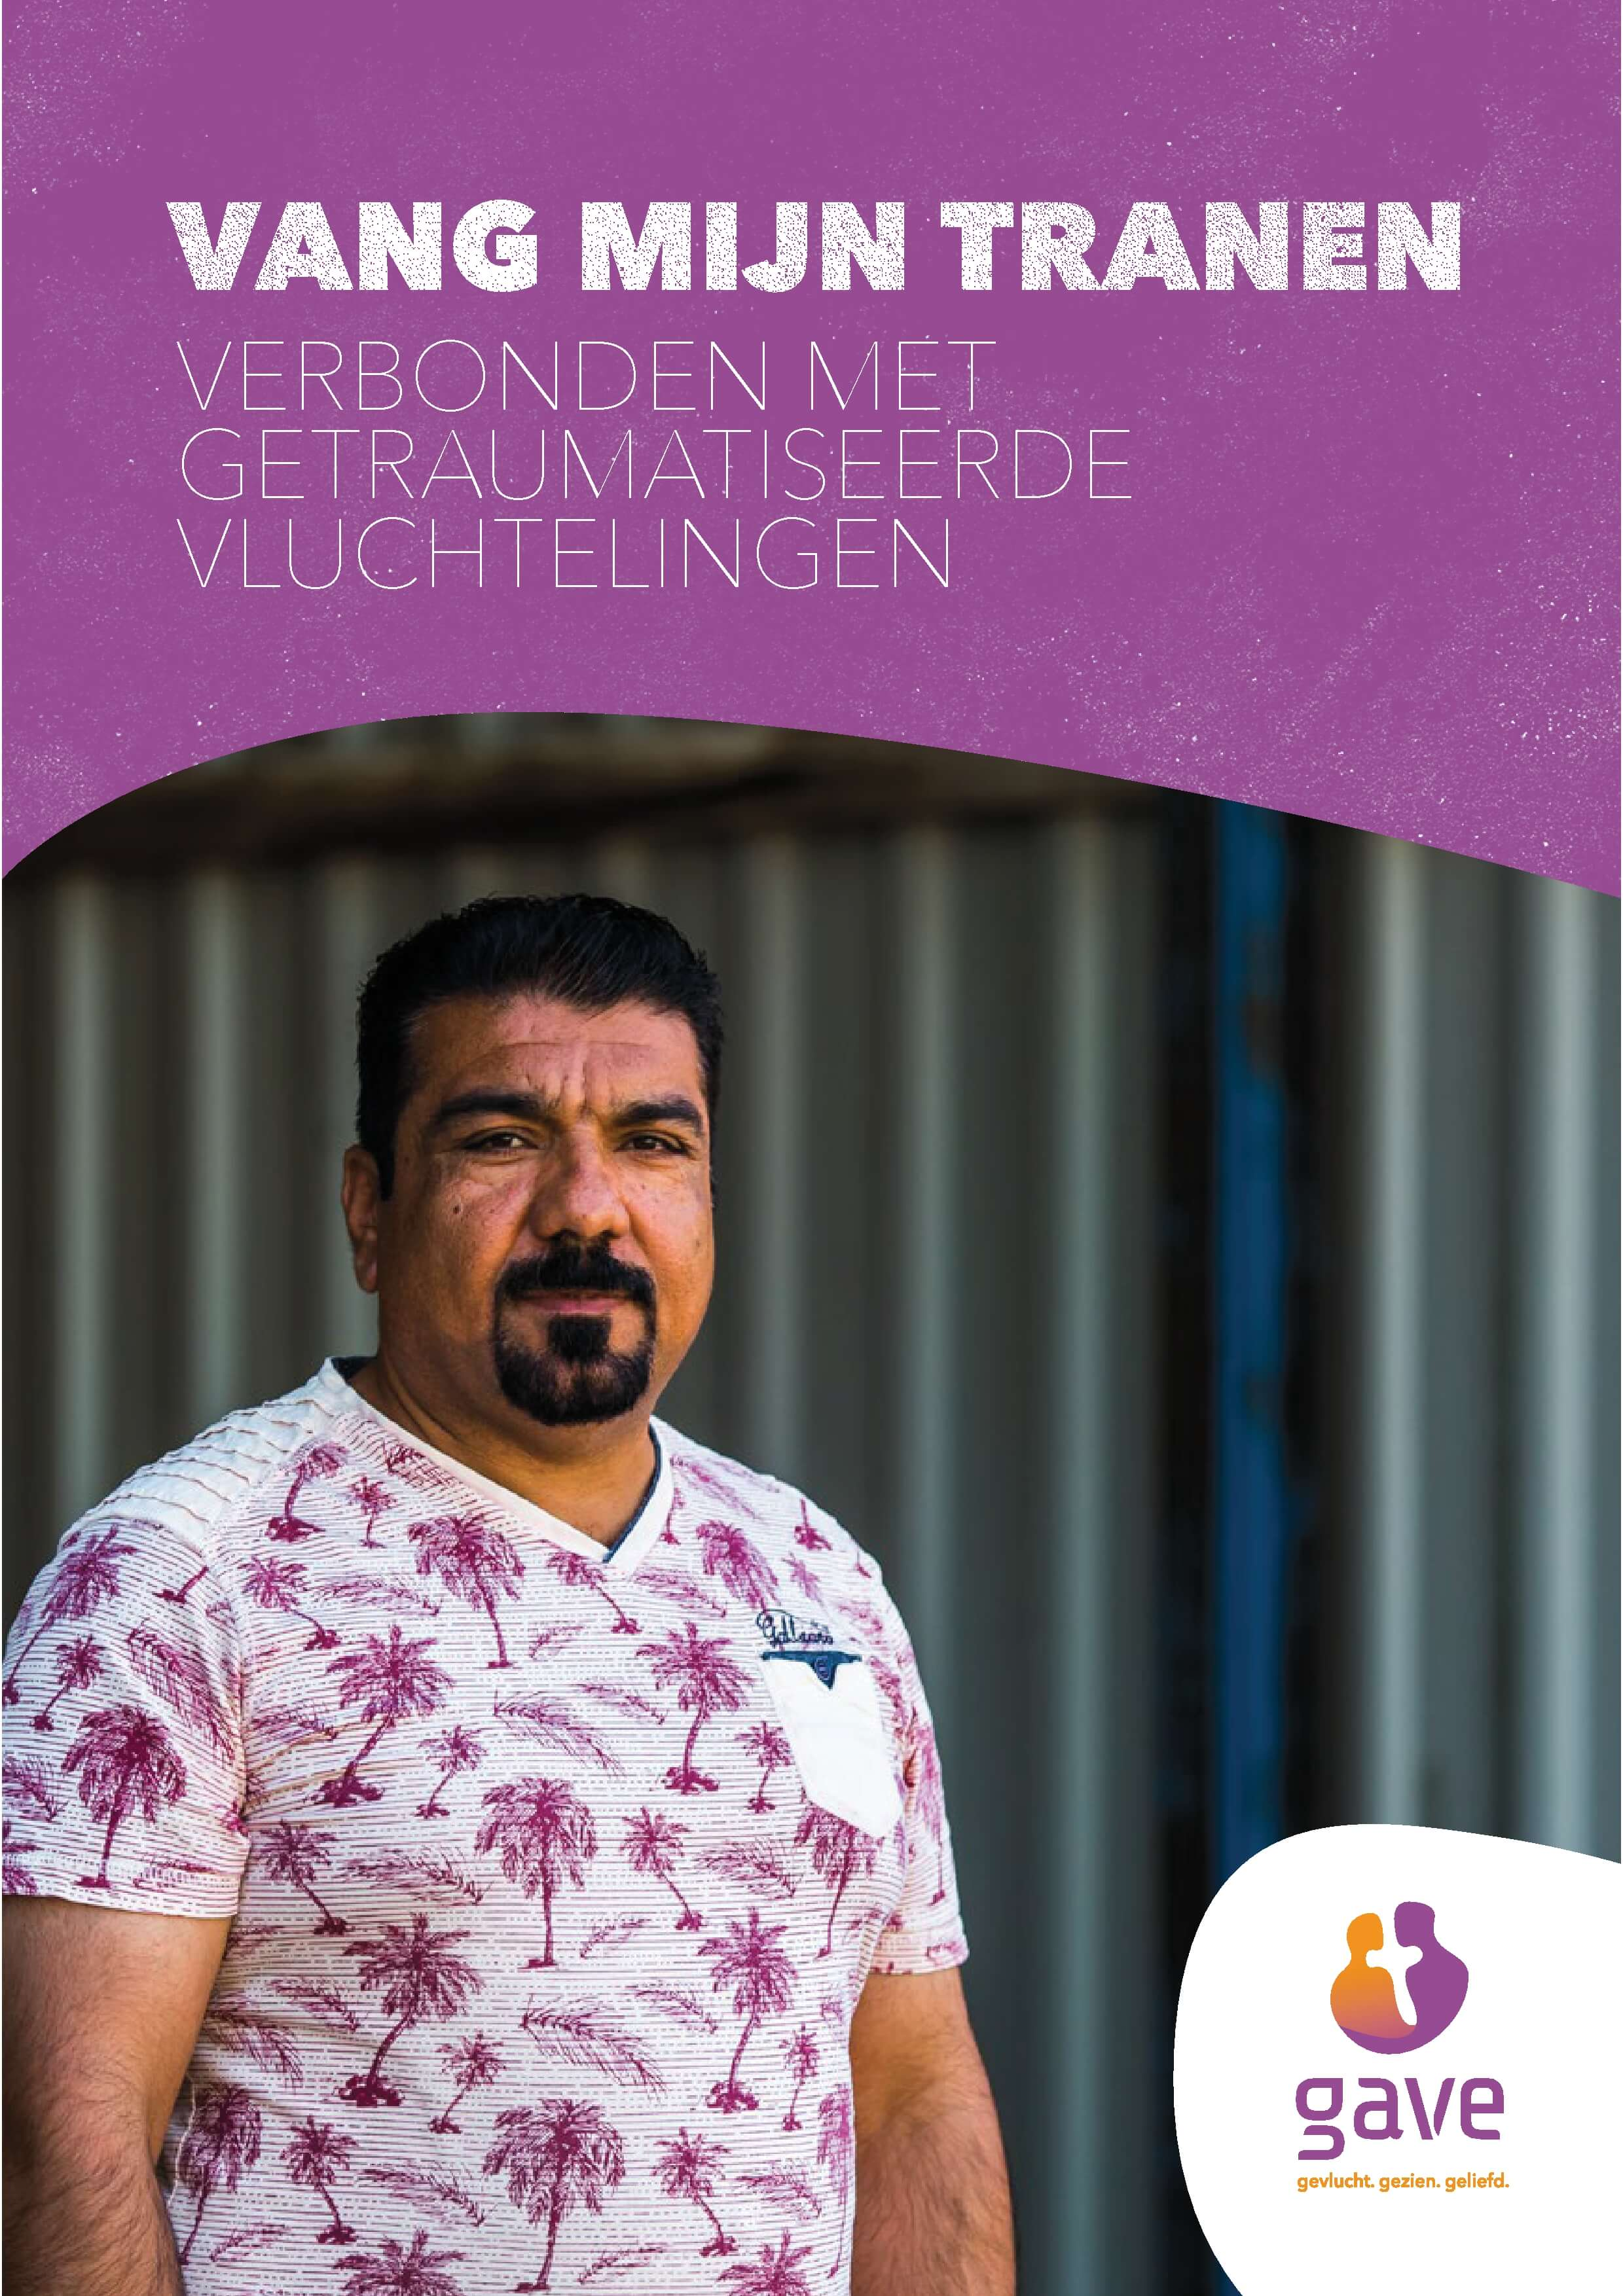 """Brochure """"Vang mijn tranen""""- Advies bij getraumatiseerde vluchtelingen"""